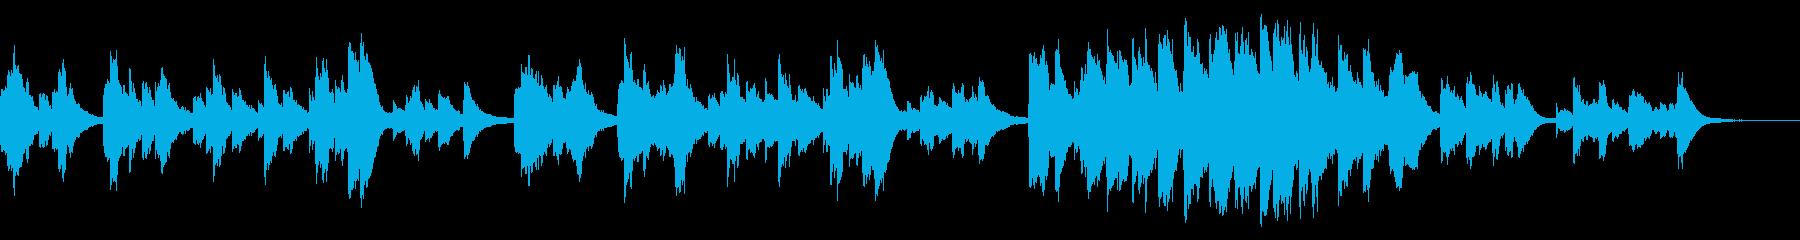 ピアノメインの哀しげで幻想的な曲の再生済みの波形